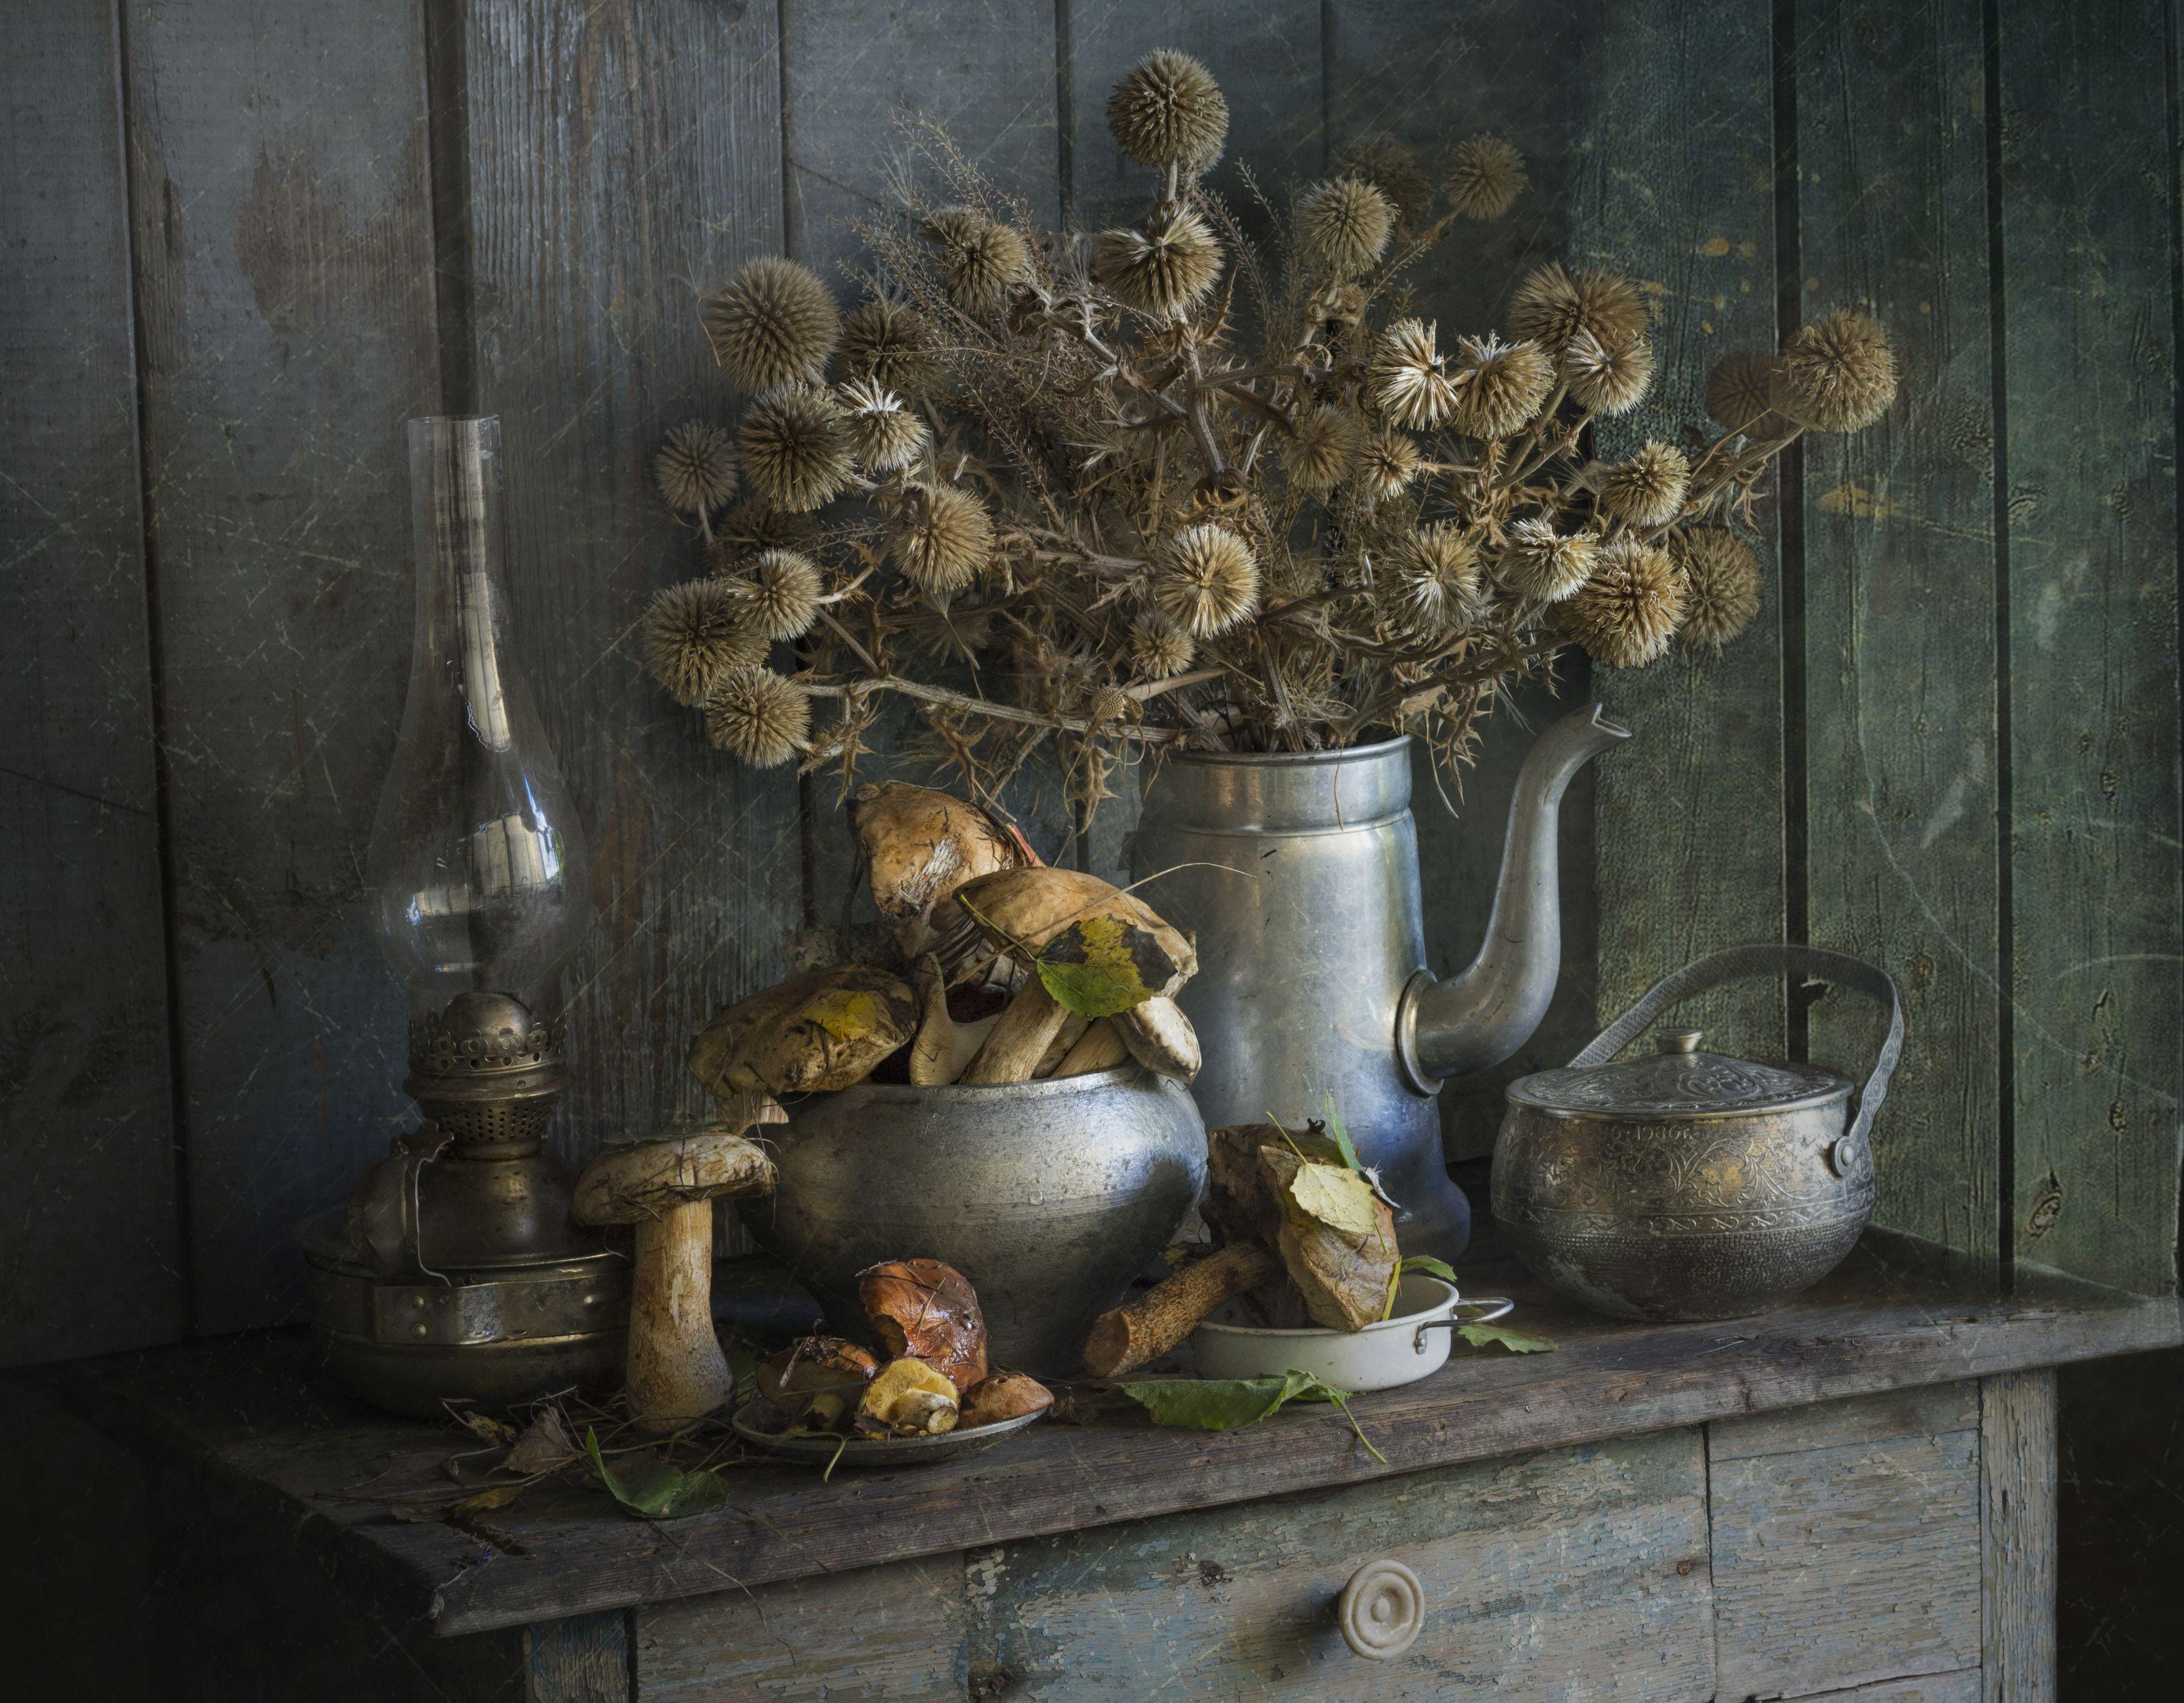 натюрморт, грибы, сухоцвет, Зимина Лионелла